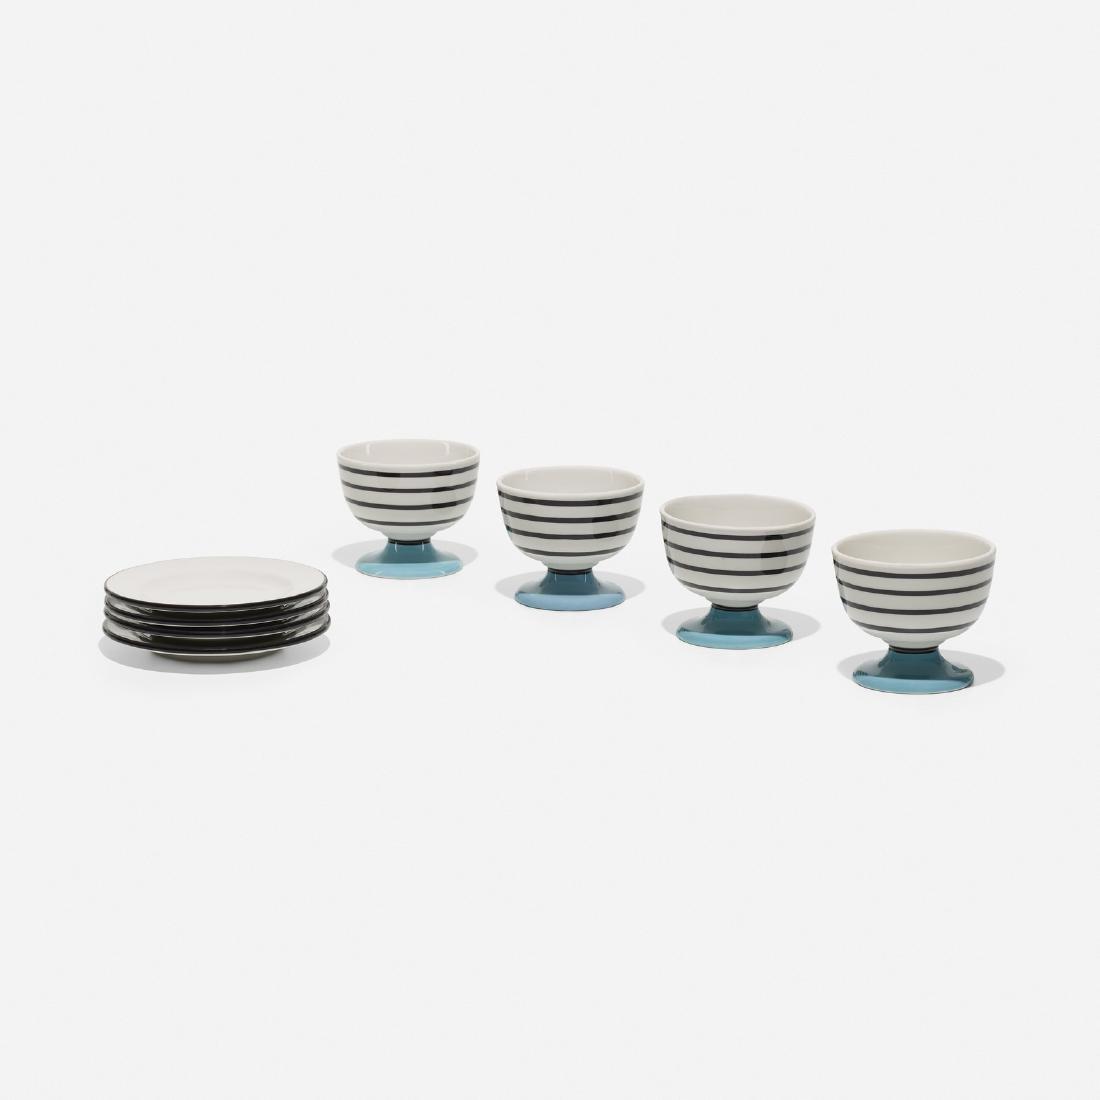 Girard, 4 bowls and plates, La Fonda del Sol